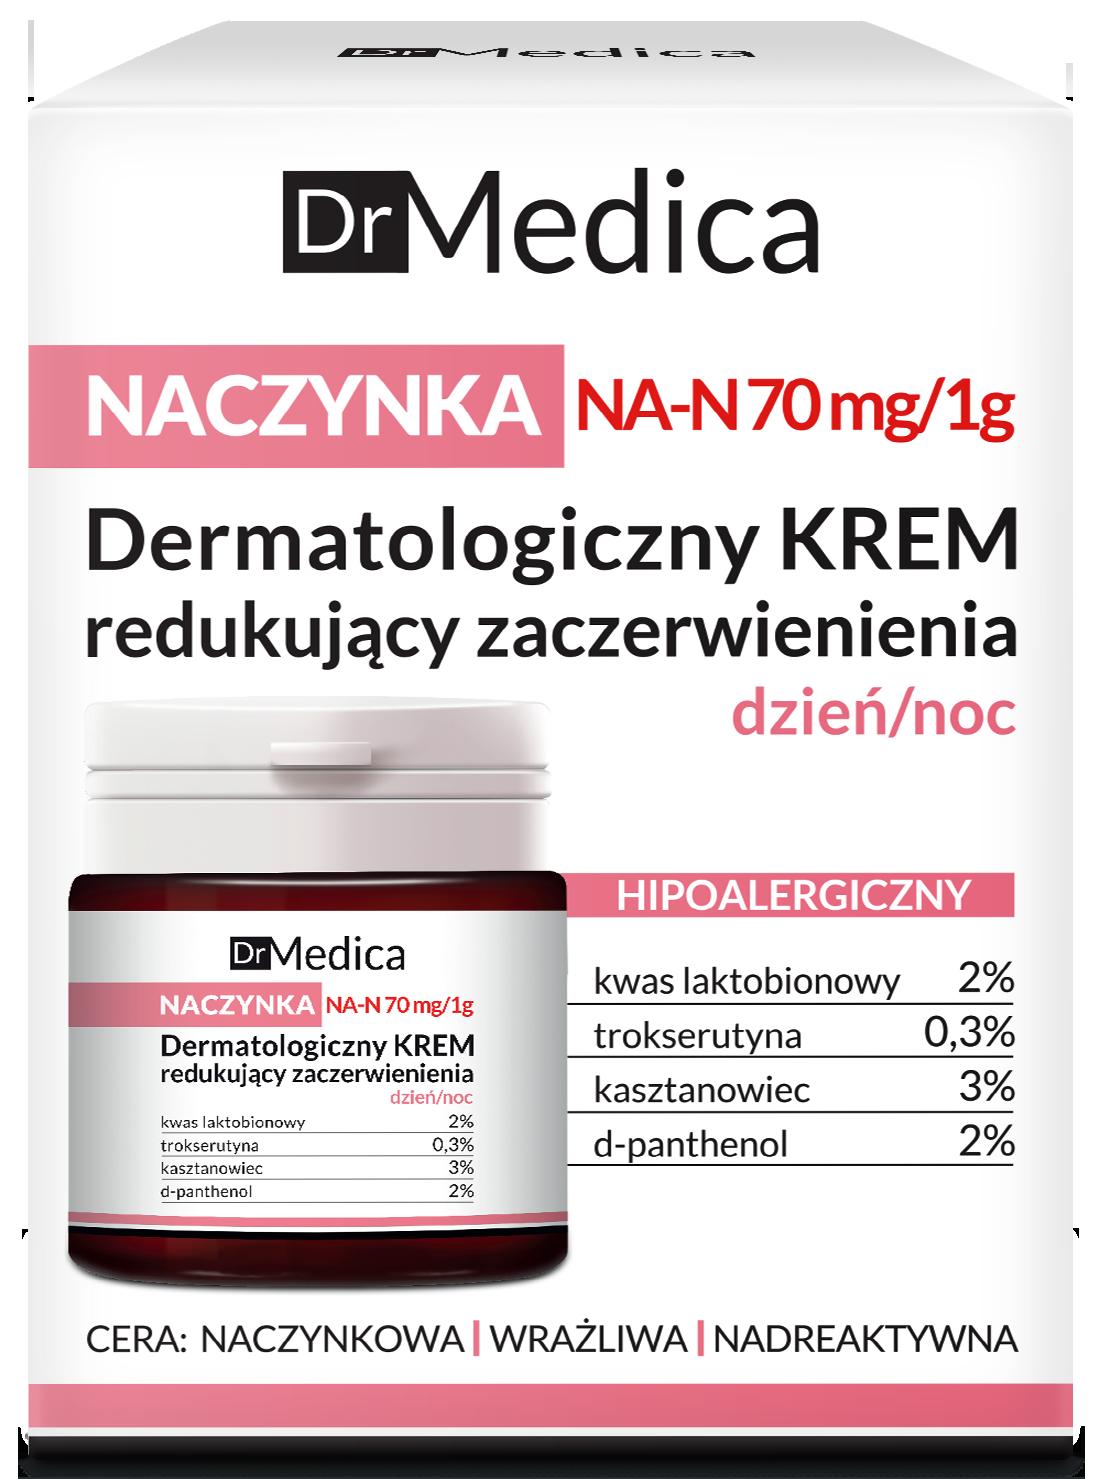 DR MEDICA CAPILLARY SKIN Дерматологический крем уменьшающий покраснения, гипоаллергенный, день/ночь, 50 мл